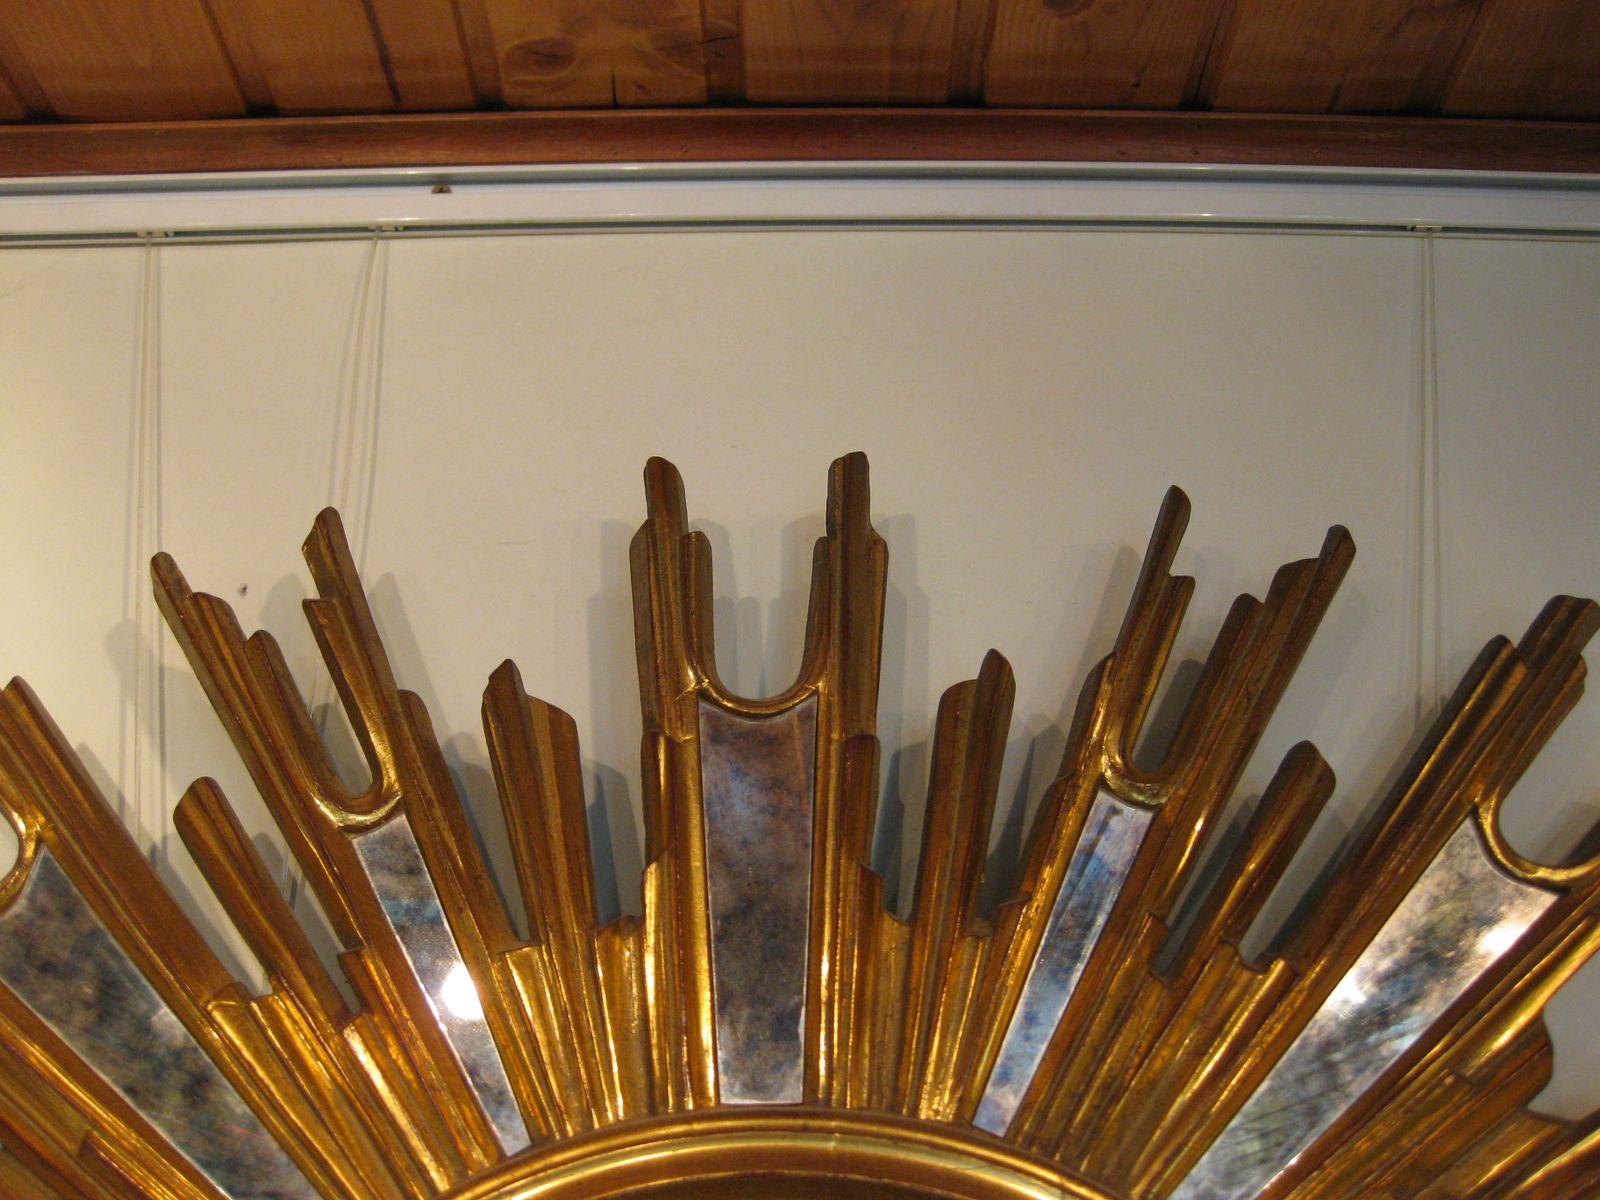 franz sischer goldener sonnen spiegel 1930er bei pamono. Black Bedroom Furniture Sets. Home Design Ideas